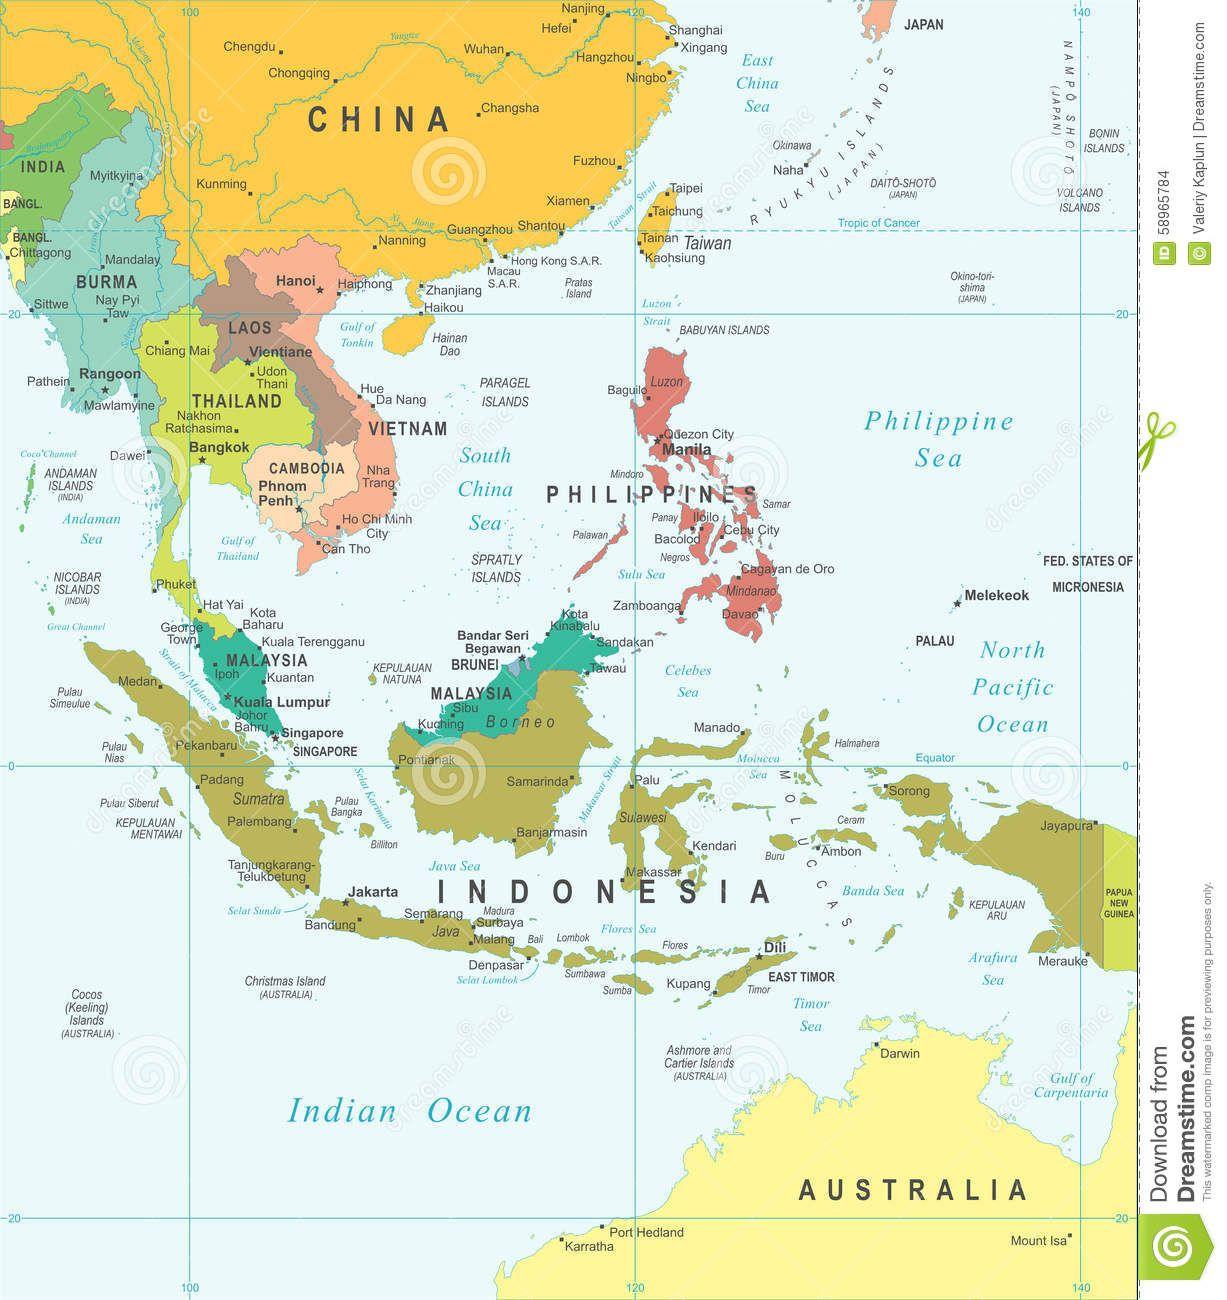 La Cartina Geografica Dell Asia.Risultati Immagini Per Cartina Geografica Del Sud Est